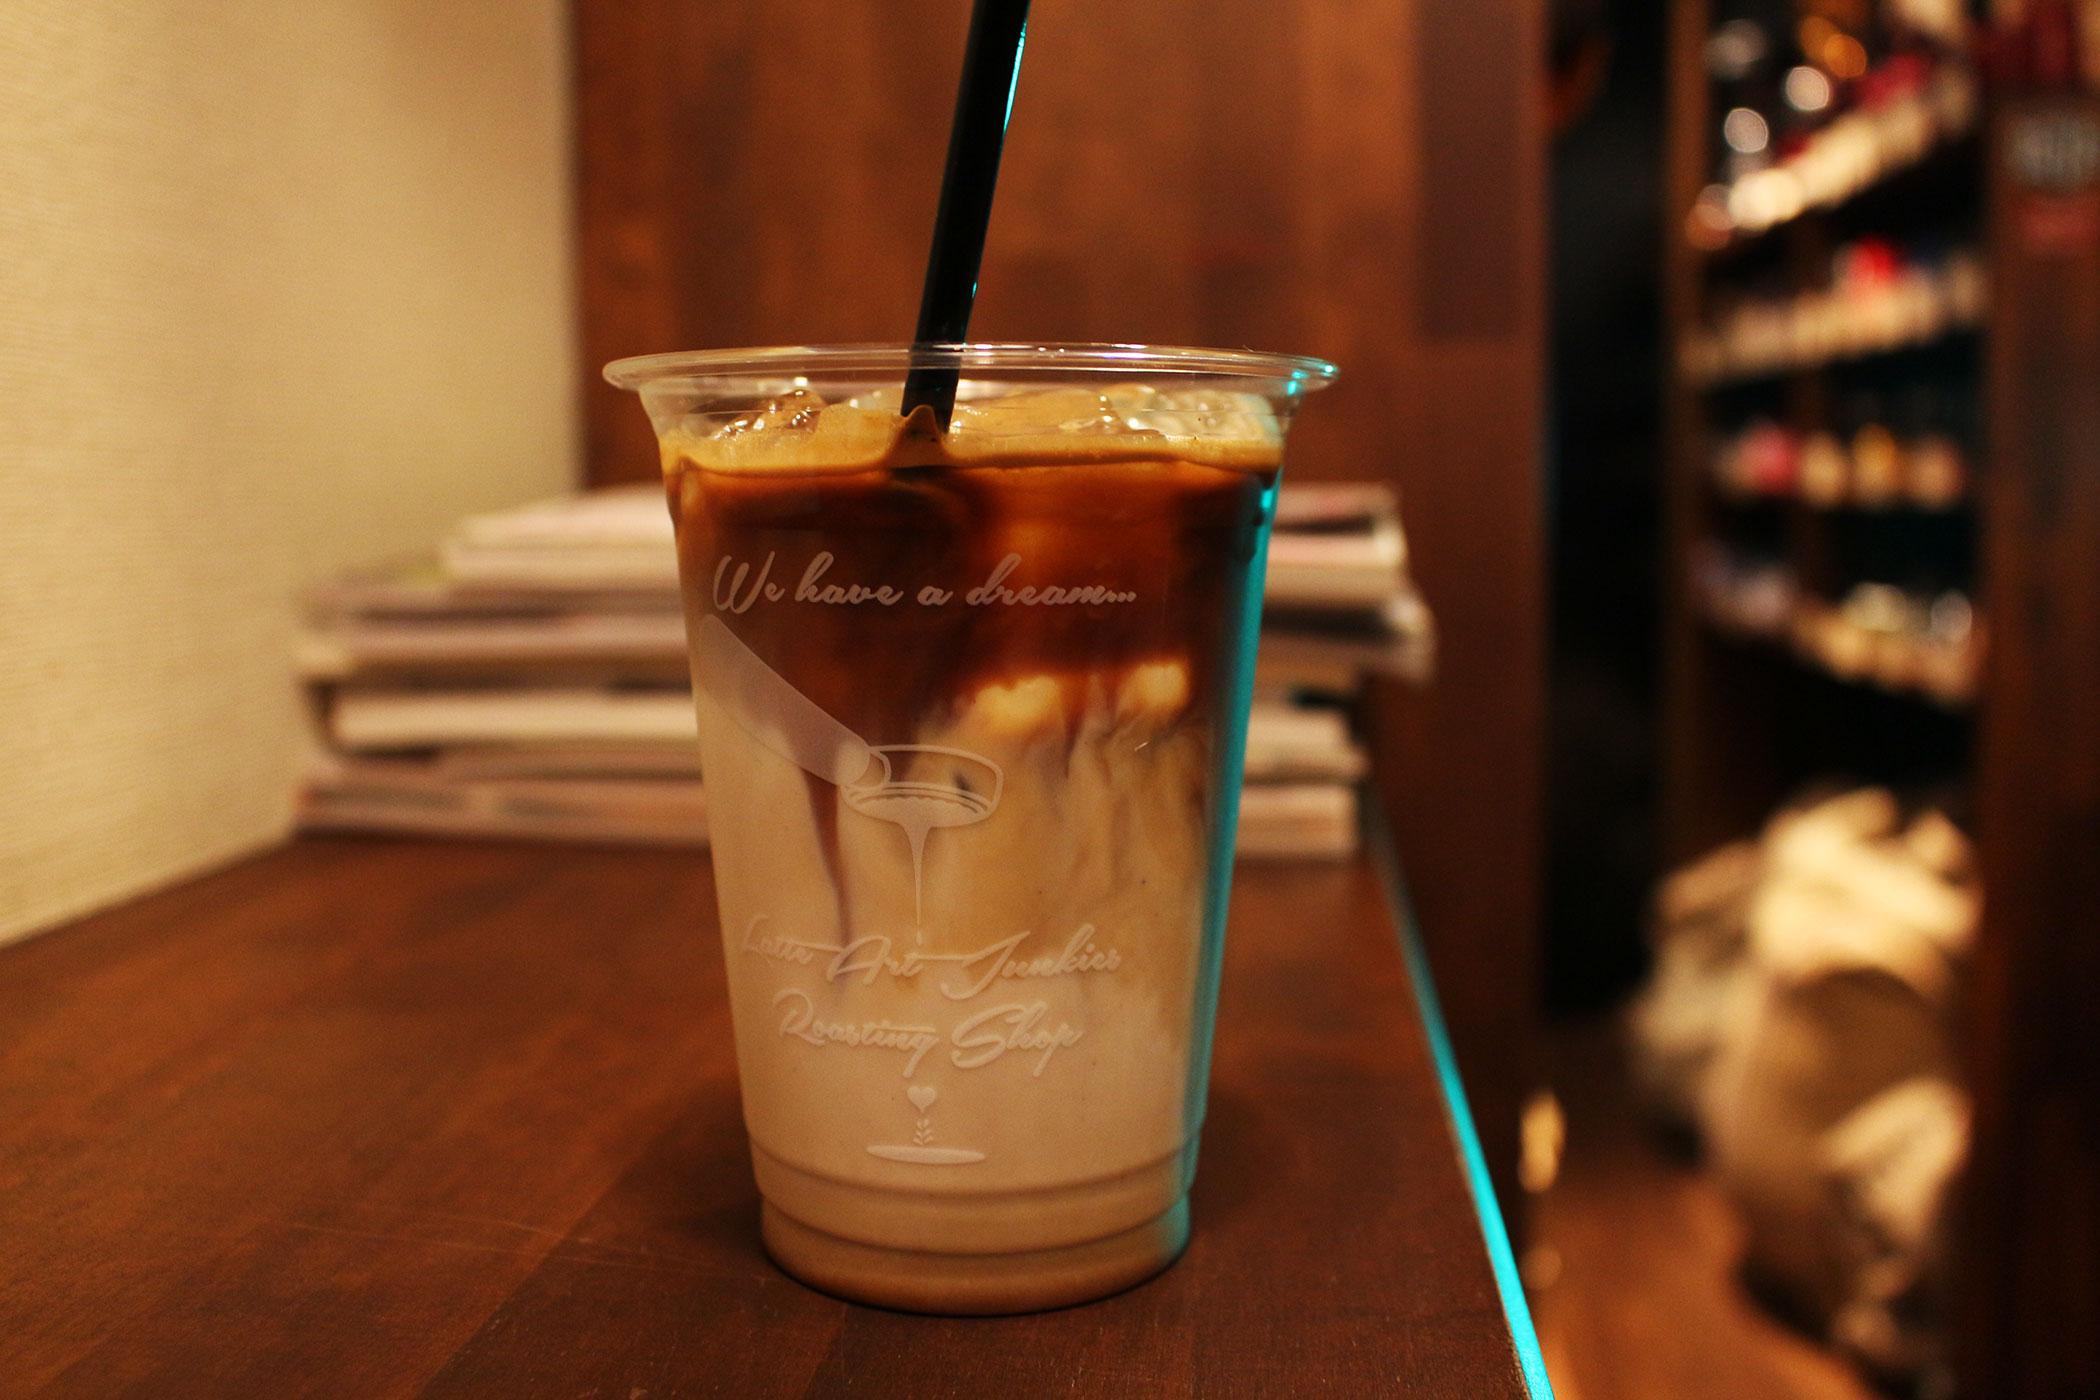 LatteArt Junkies RoastingShop(ラテアートジャンキーズロースティングショップ) 京都